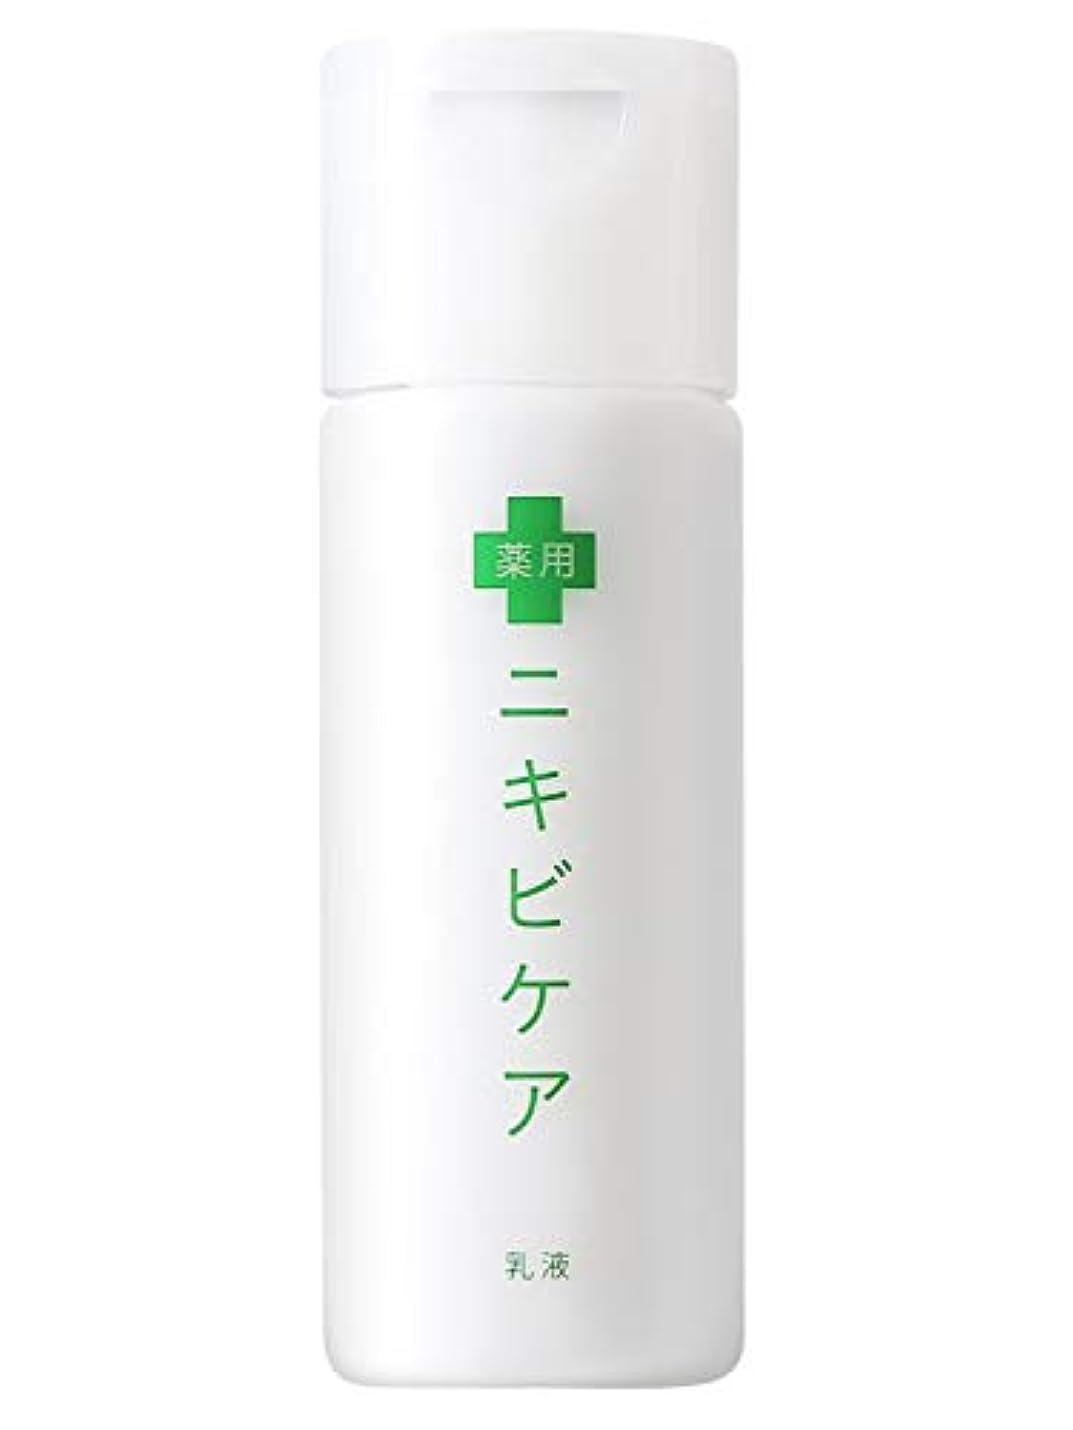 我慢するアルカイックアルカイック医薬部外品 薬用 ニキビケア 乳液 大人ニキビ 予防「 あご おでこ 鼻 ニキビ 顔 対策 アクネ 対策 保湿剤 」「 プラセンタ コラーゲン ヒアルロン酸 配合 」 メンズ & レディース 100ml